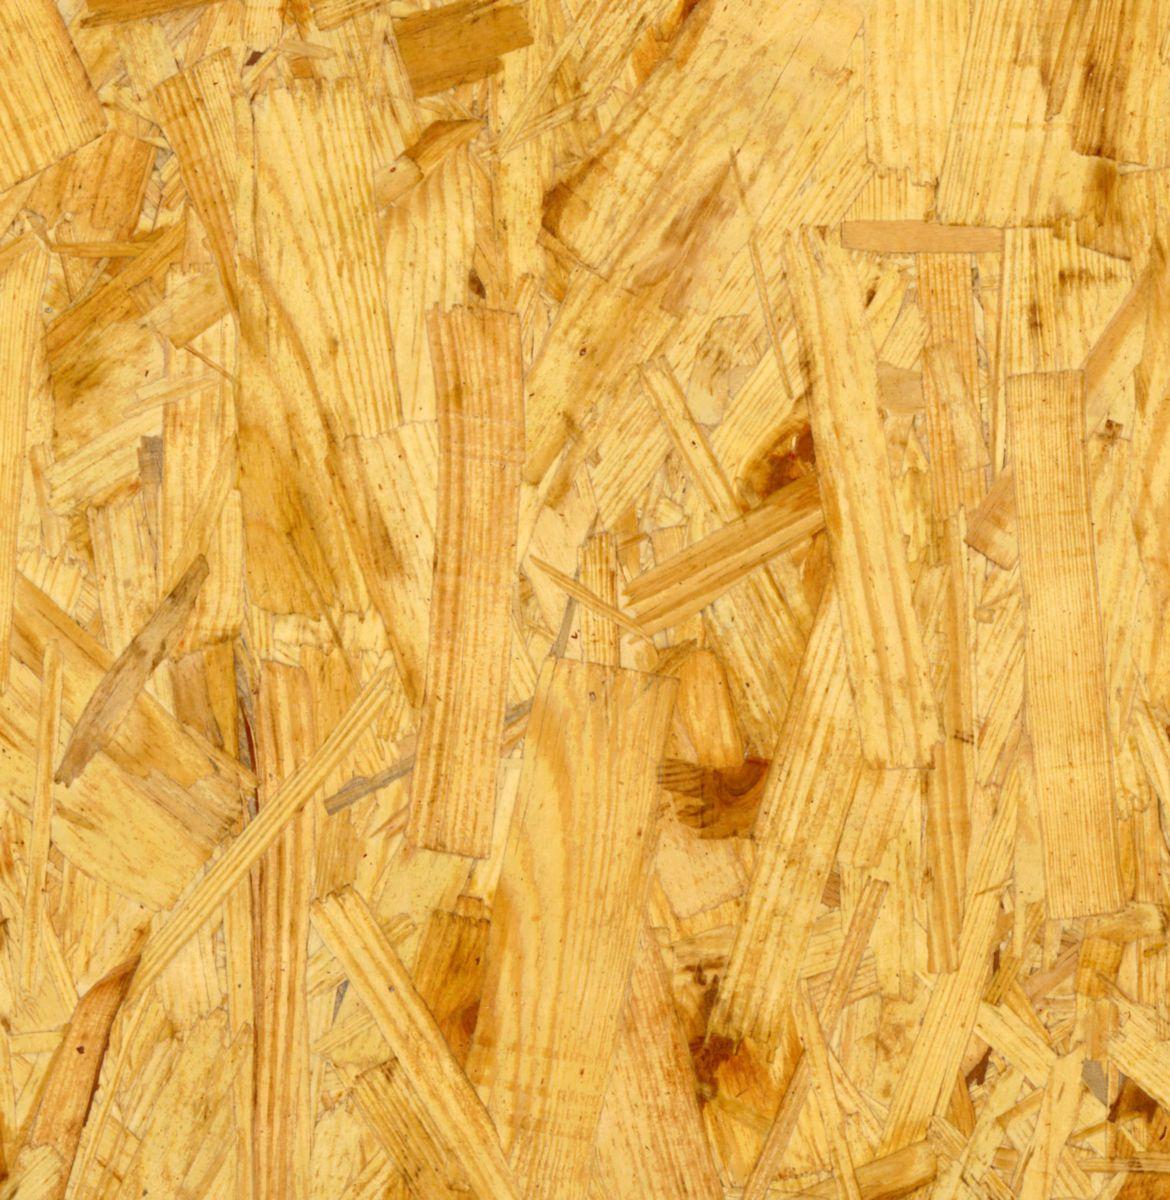 Point p plan de travail cool design carrelage cuisine peinture montreuil petit soufflant - Plaque bois hydrofuge ...